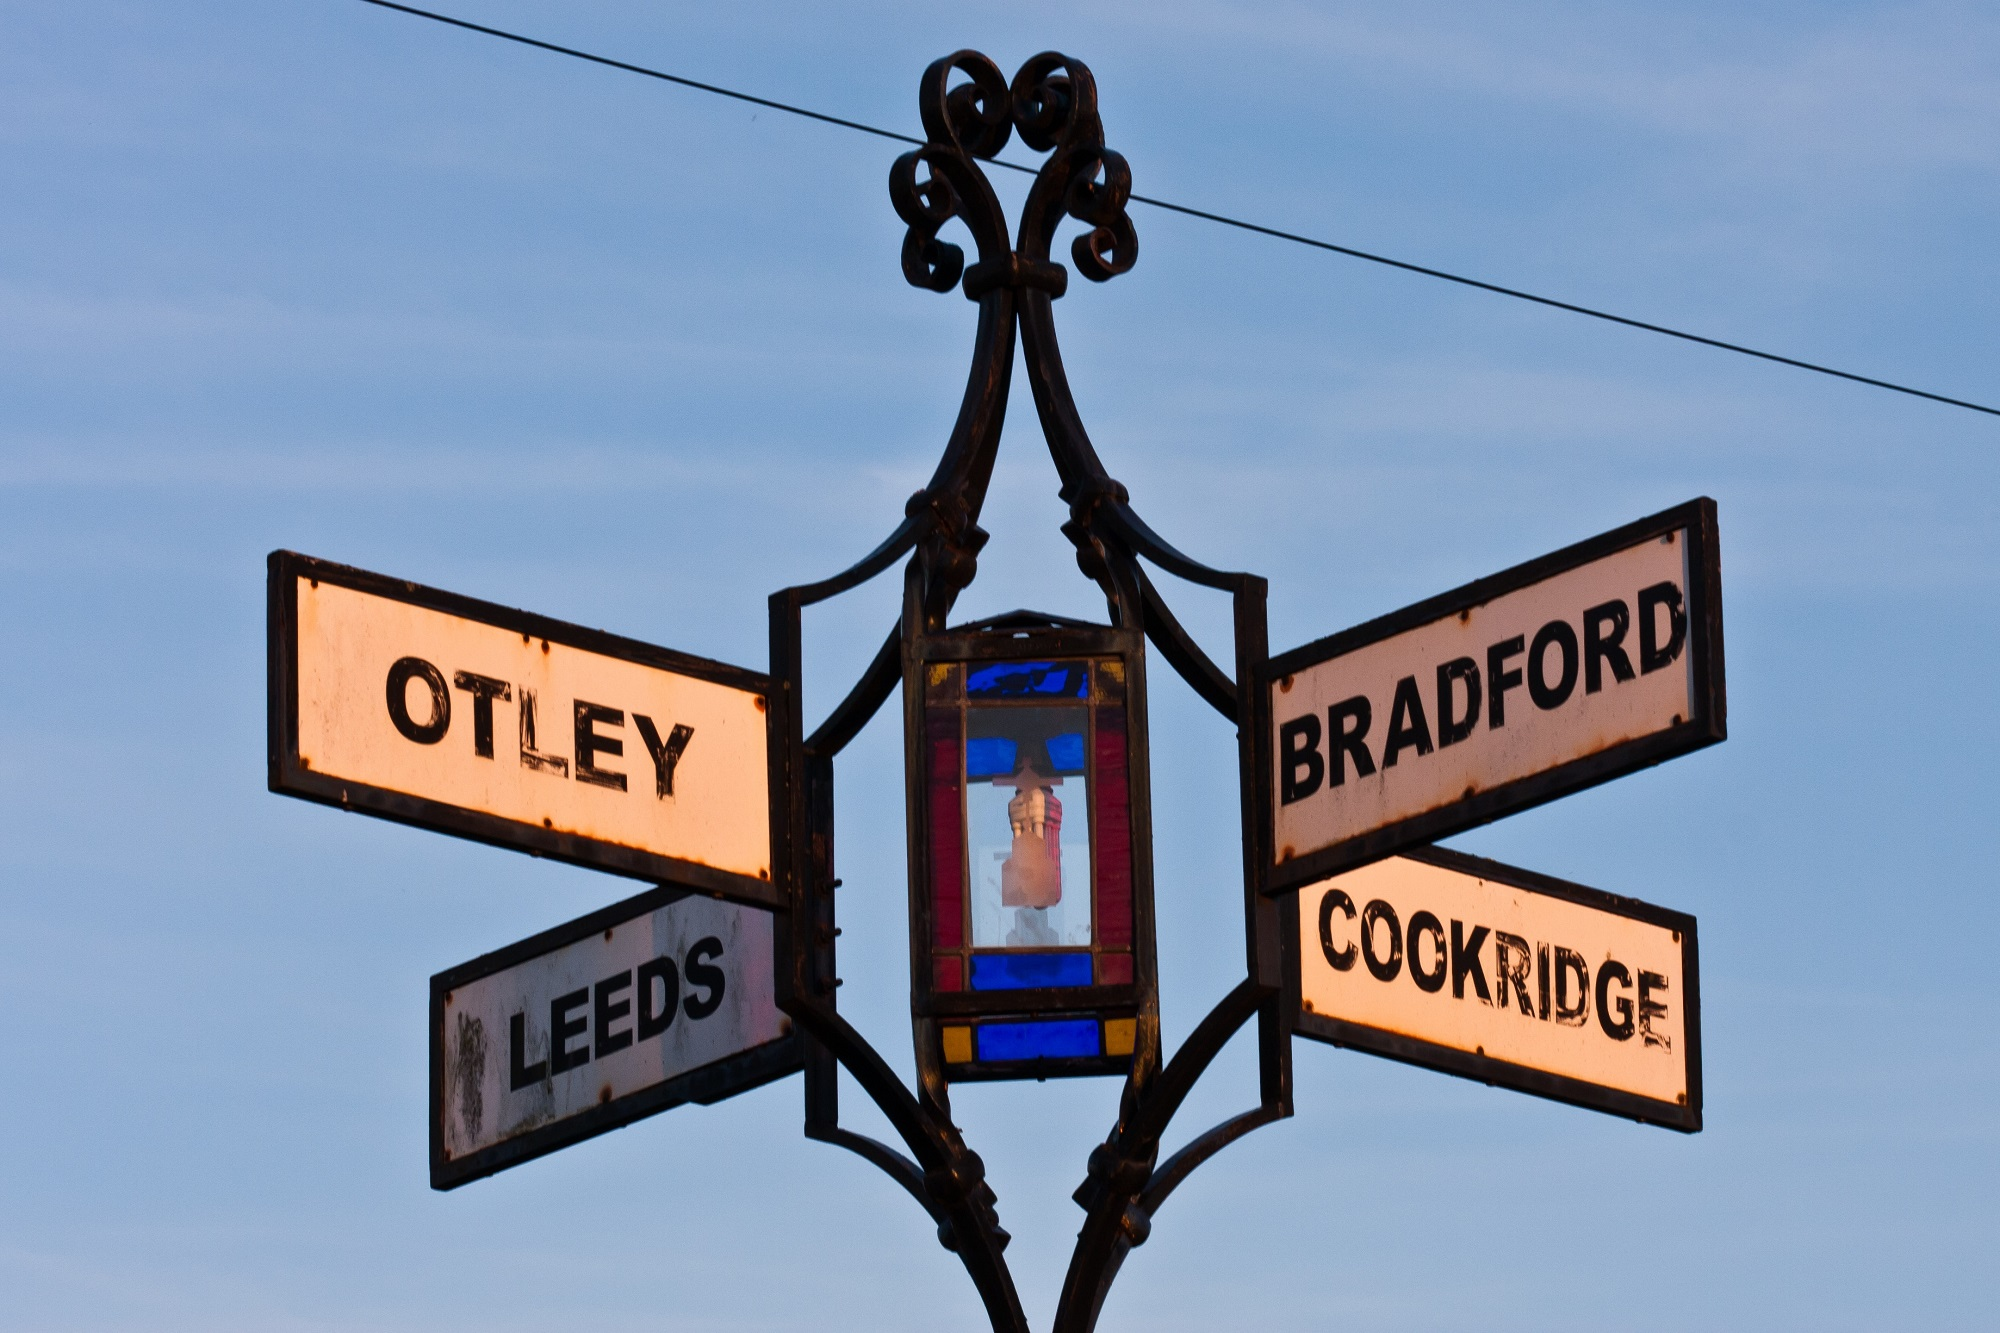 Leeds Street Sign